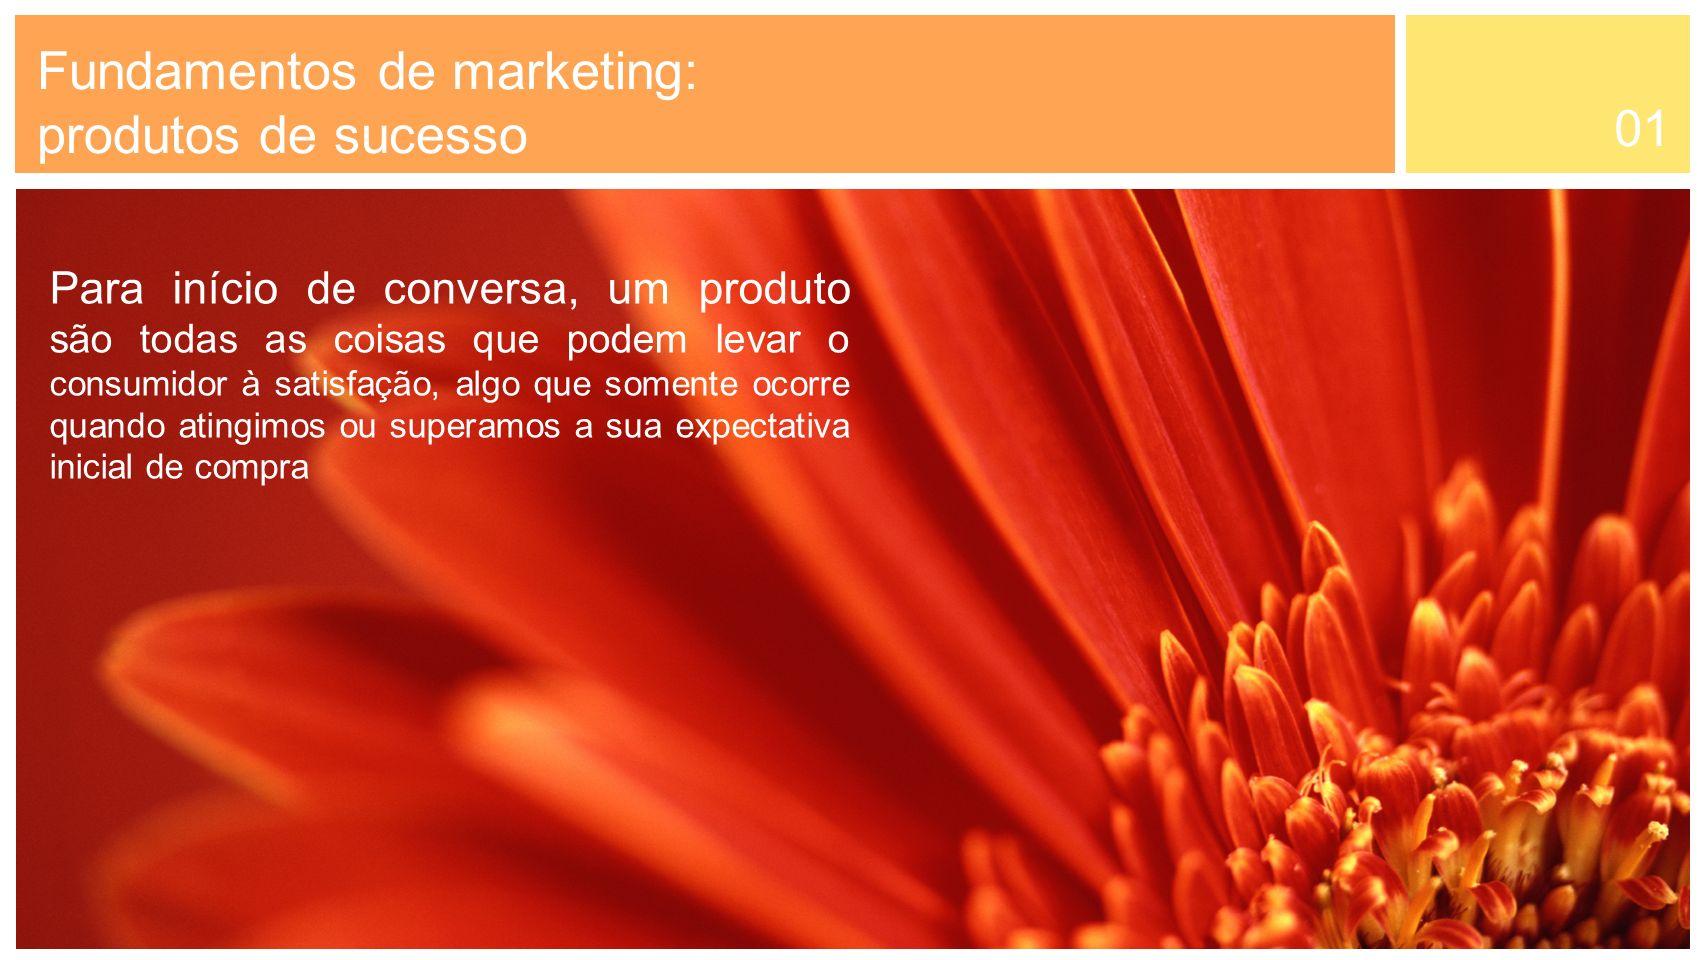 01 Para início de conversa, um produto são todas as coisas que podem levar o consumidor à satisfação, algo que somente ocorre quando atingimos ou supe